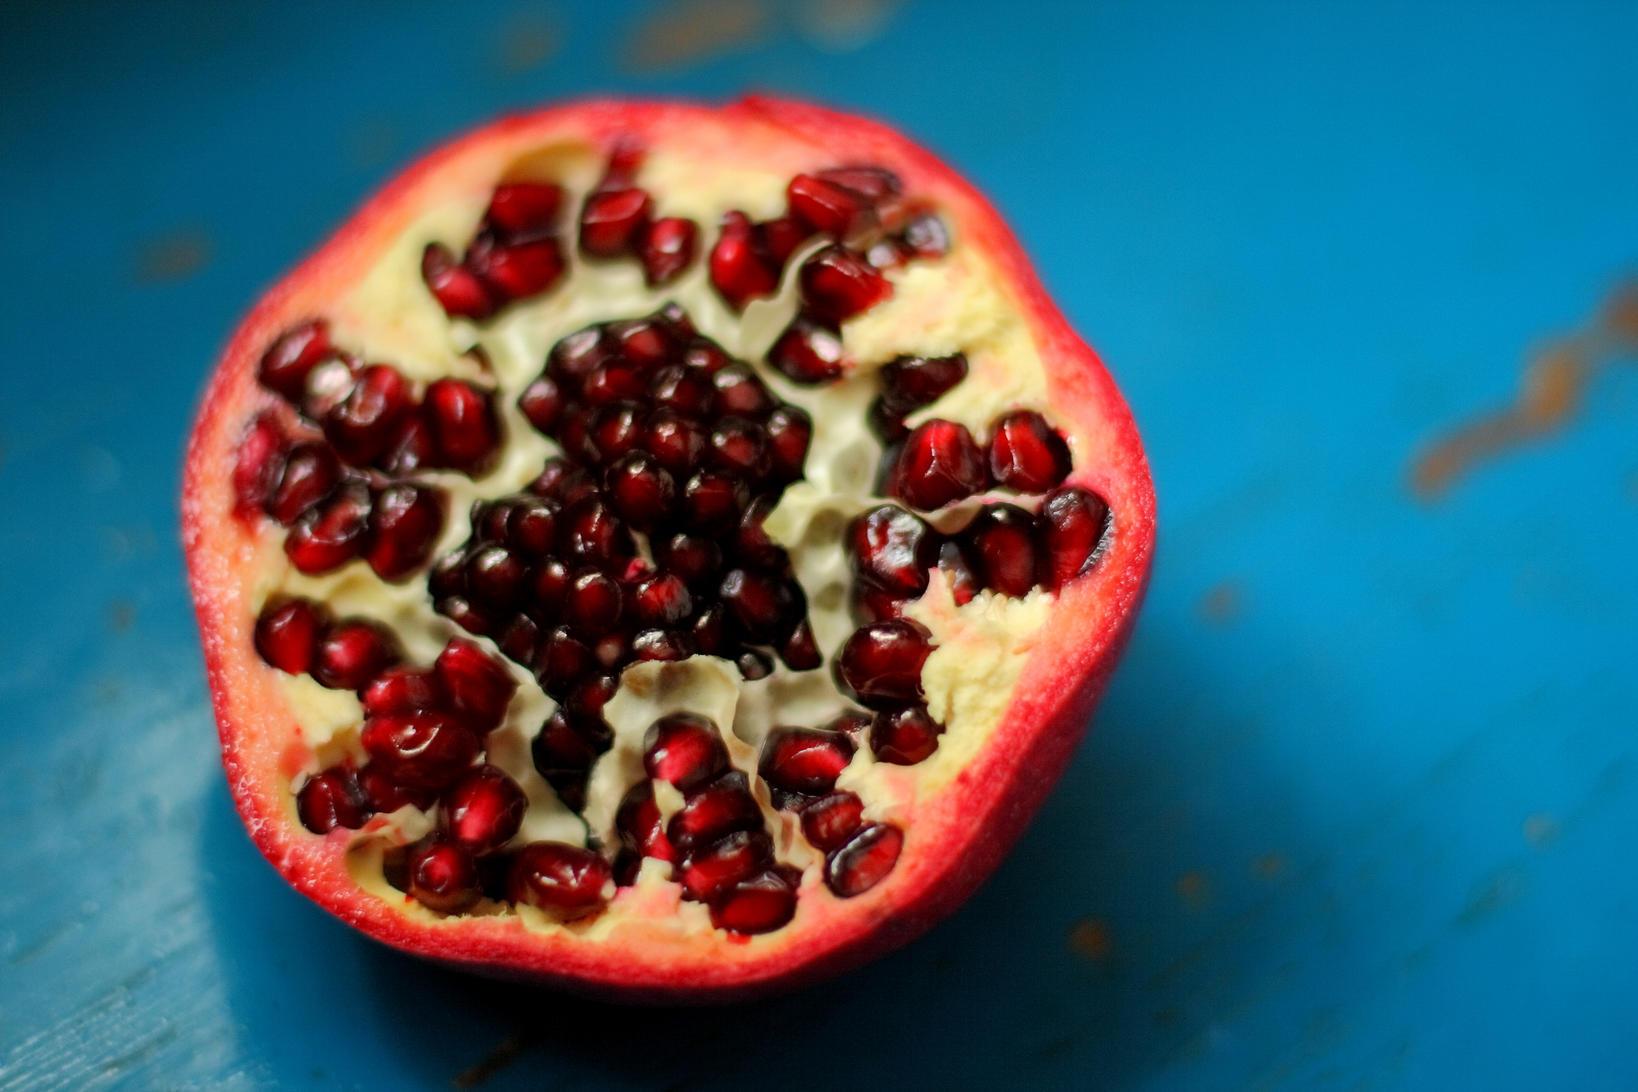 20 продуктов, которые прочистят ваши артерии - и защитят сердце от приступа Они даже полезнее, чем вы думаете.